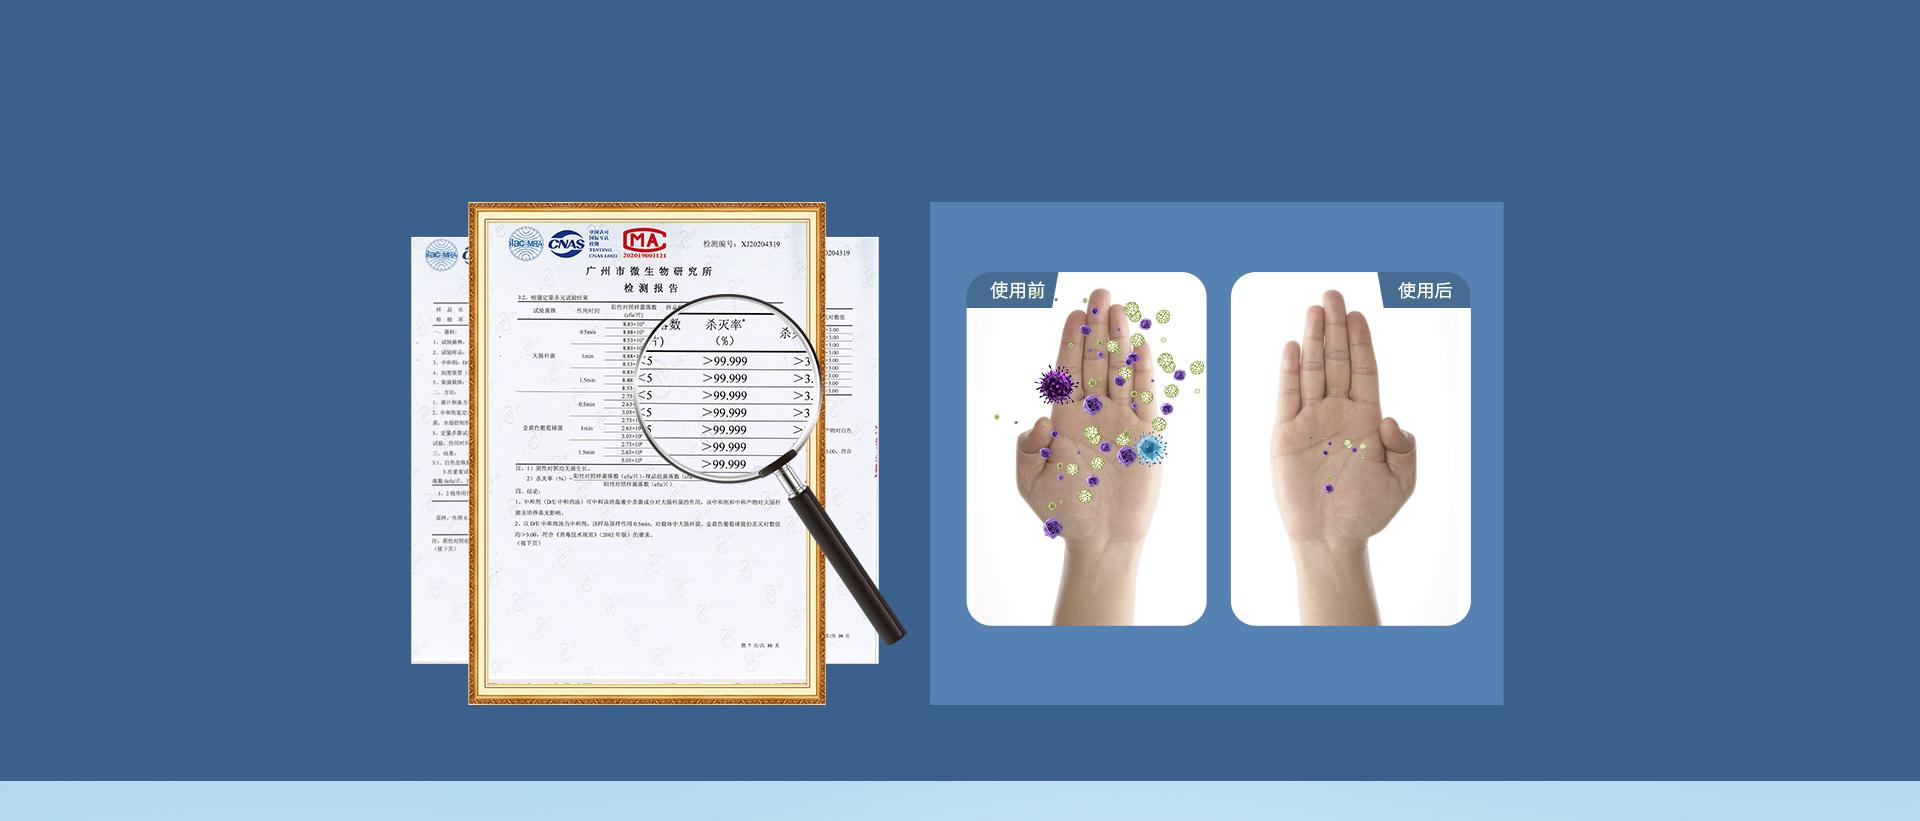 免洗手消毒凝胶